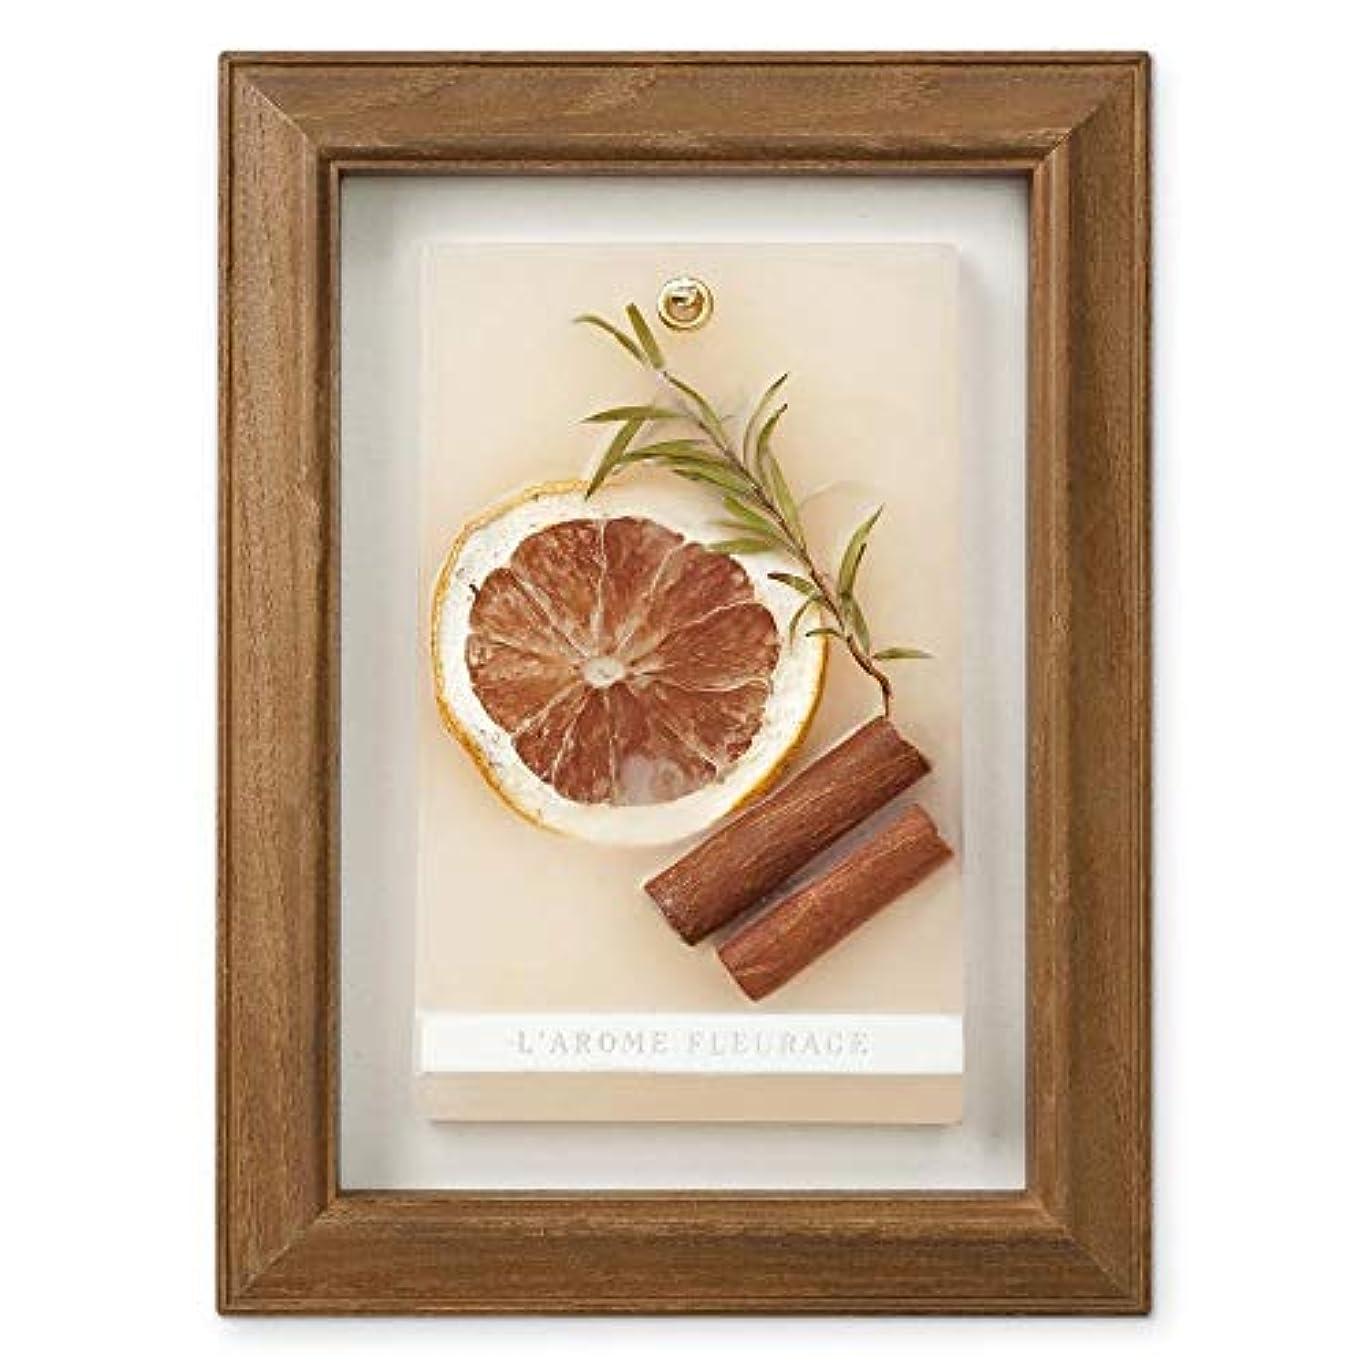 トレイヘッドレス禁止するFLEURAGE(フルラージュ) アロマワックスサシェ スイートオレンジの香り Orange×AntiqueBrown KH-61121